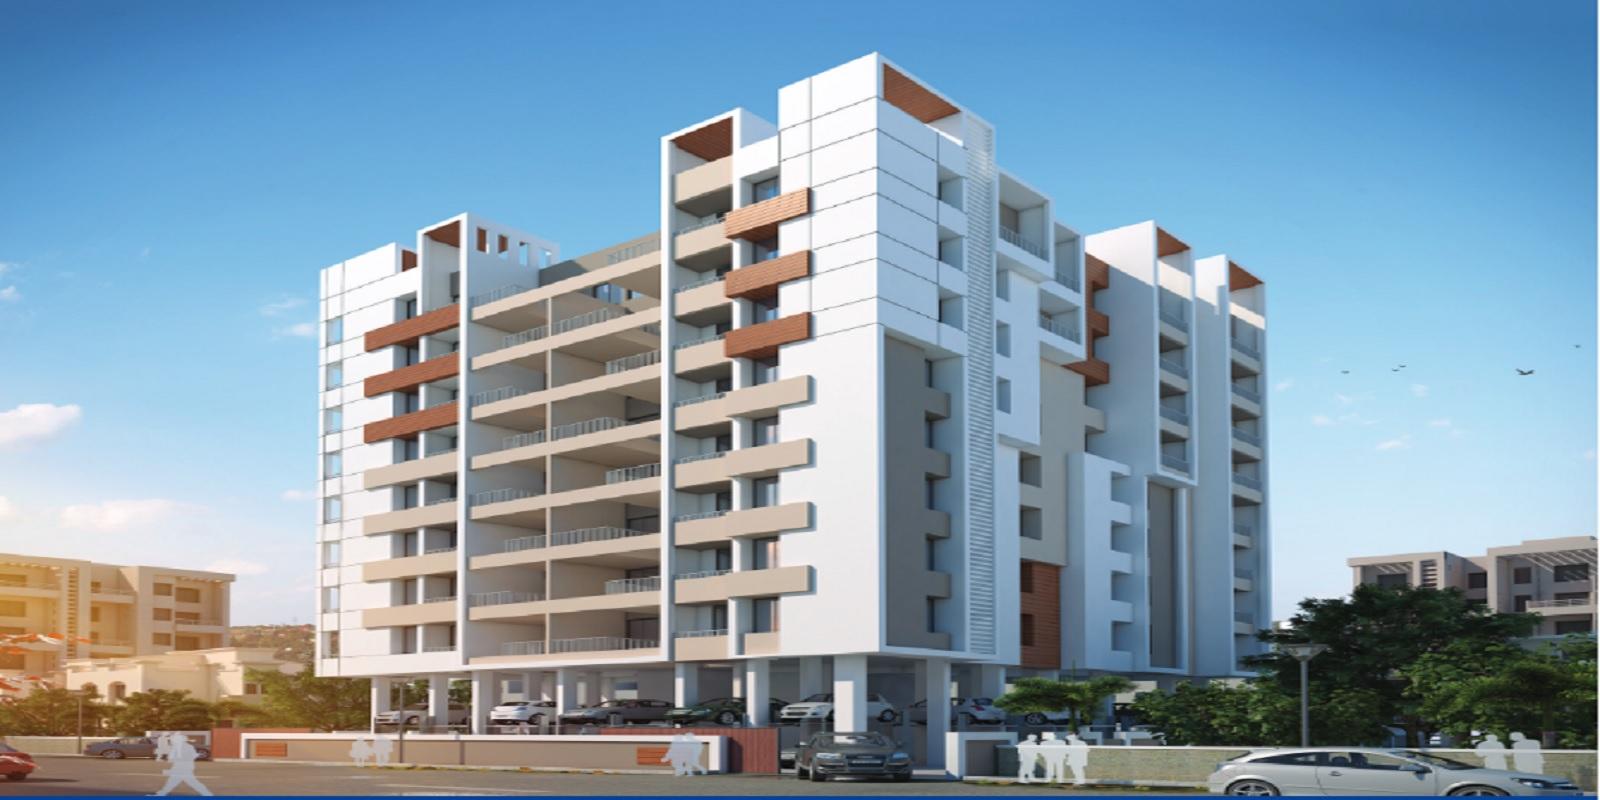 gokhale krishnanayan project large image1